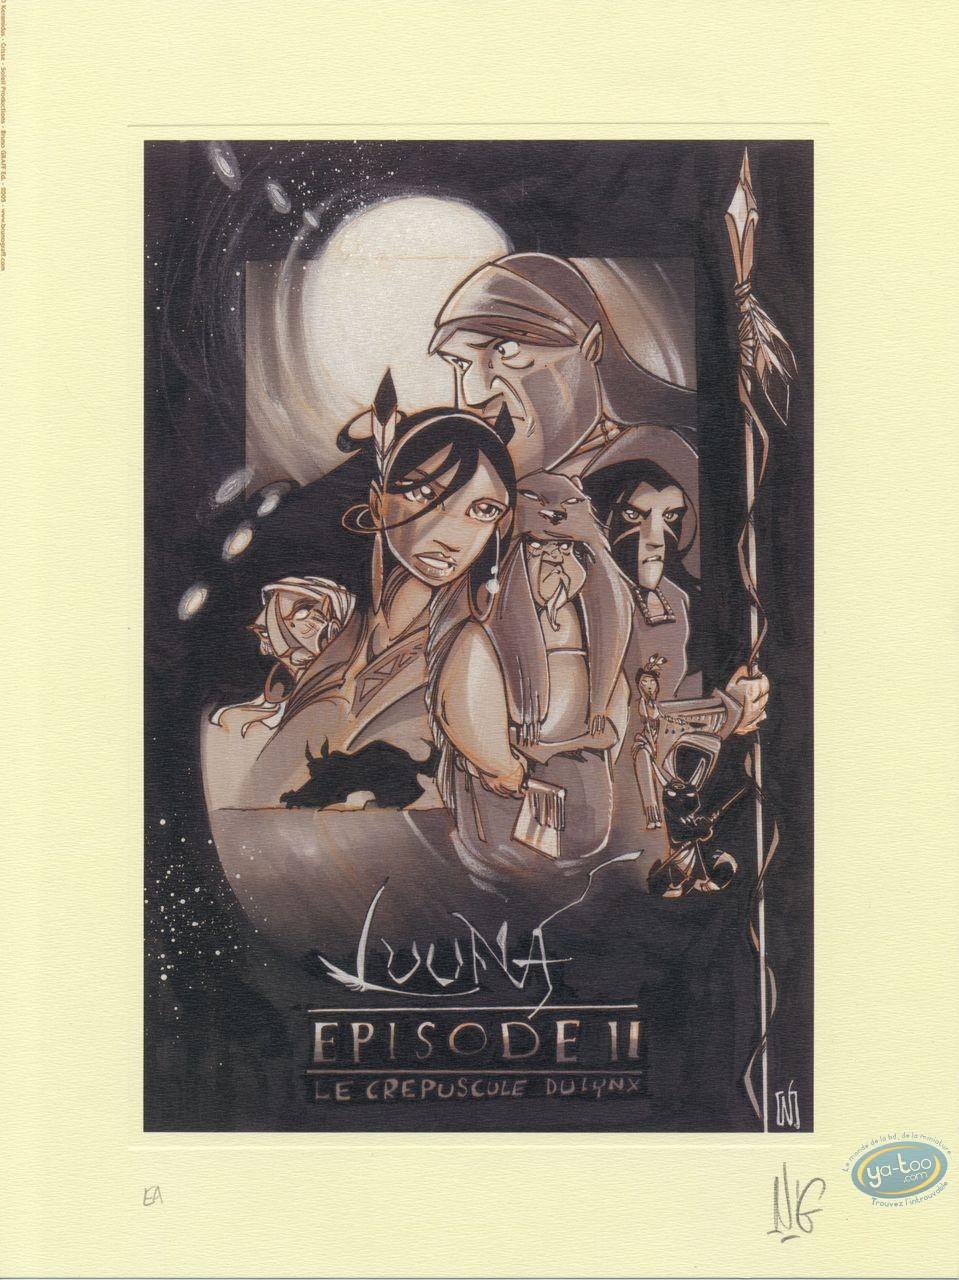 Offset Print, Luuna : Episode II (variant)